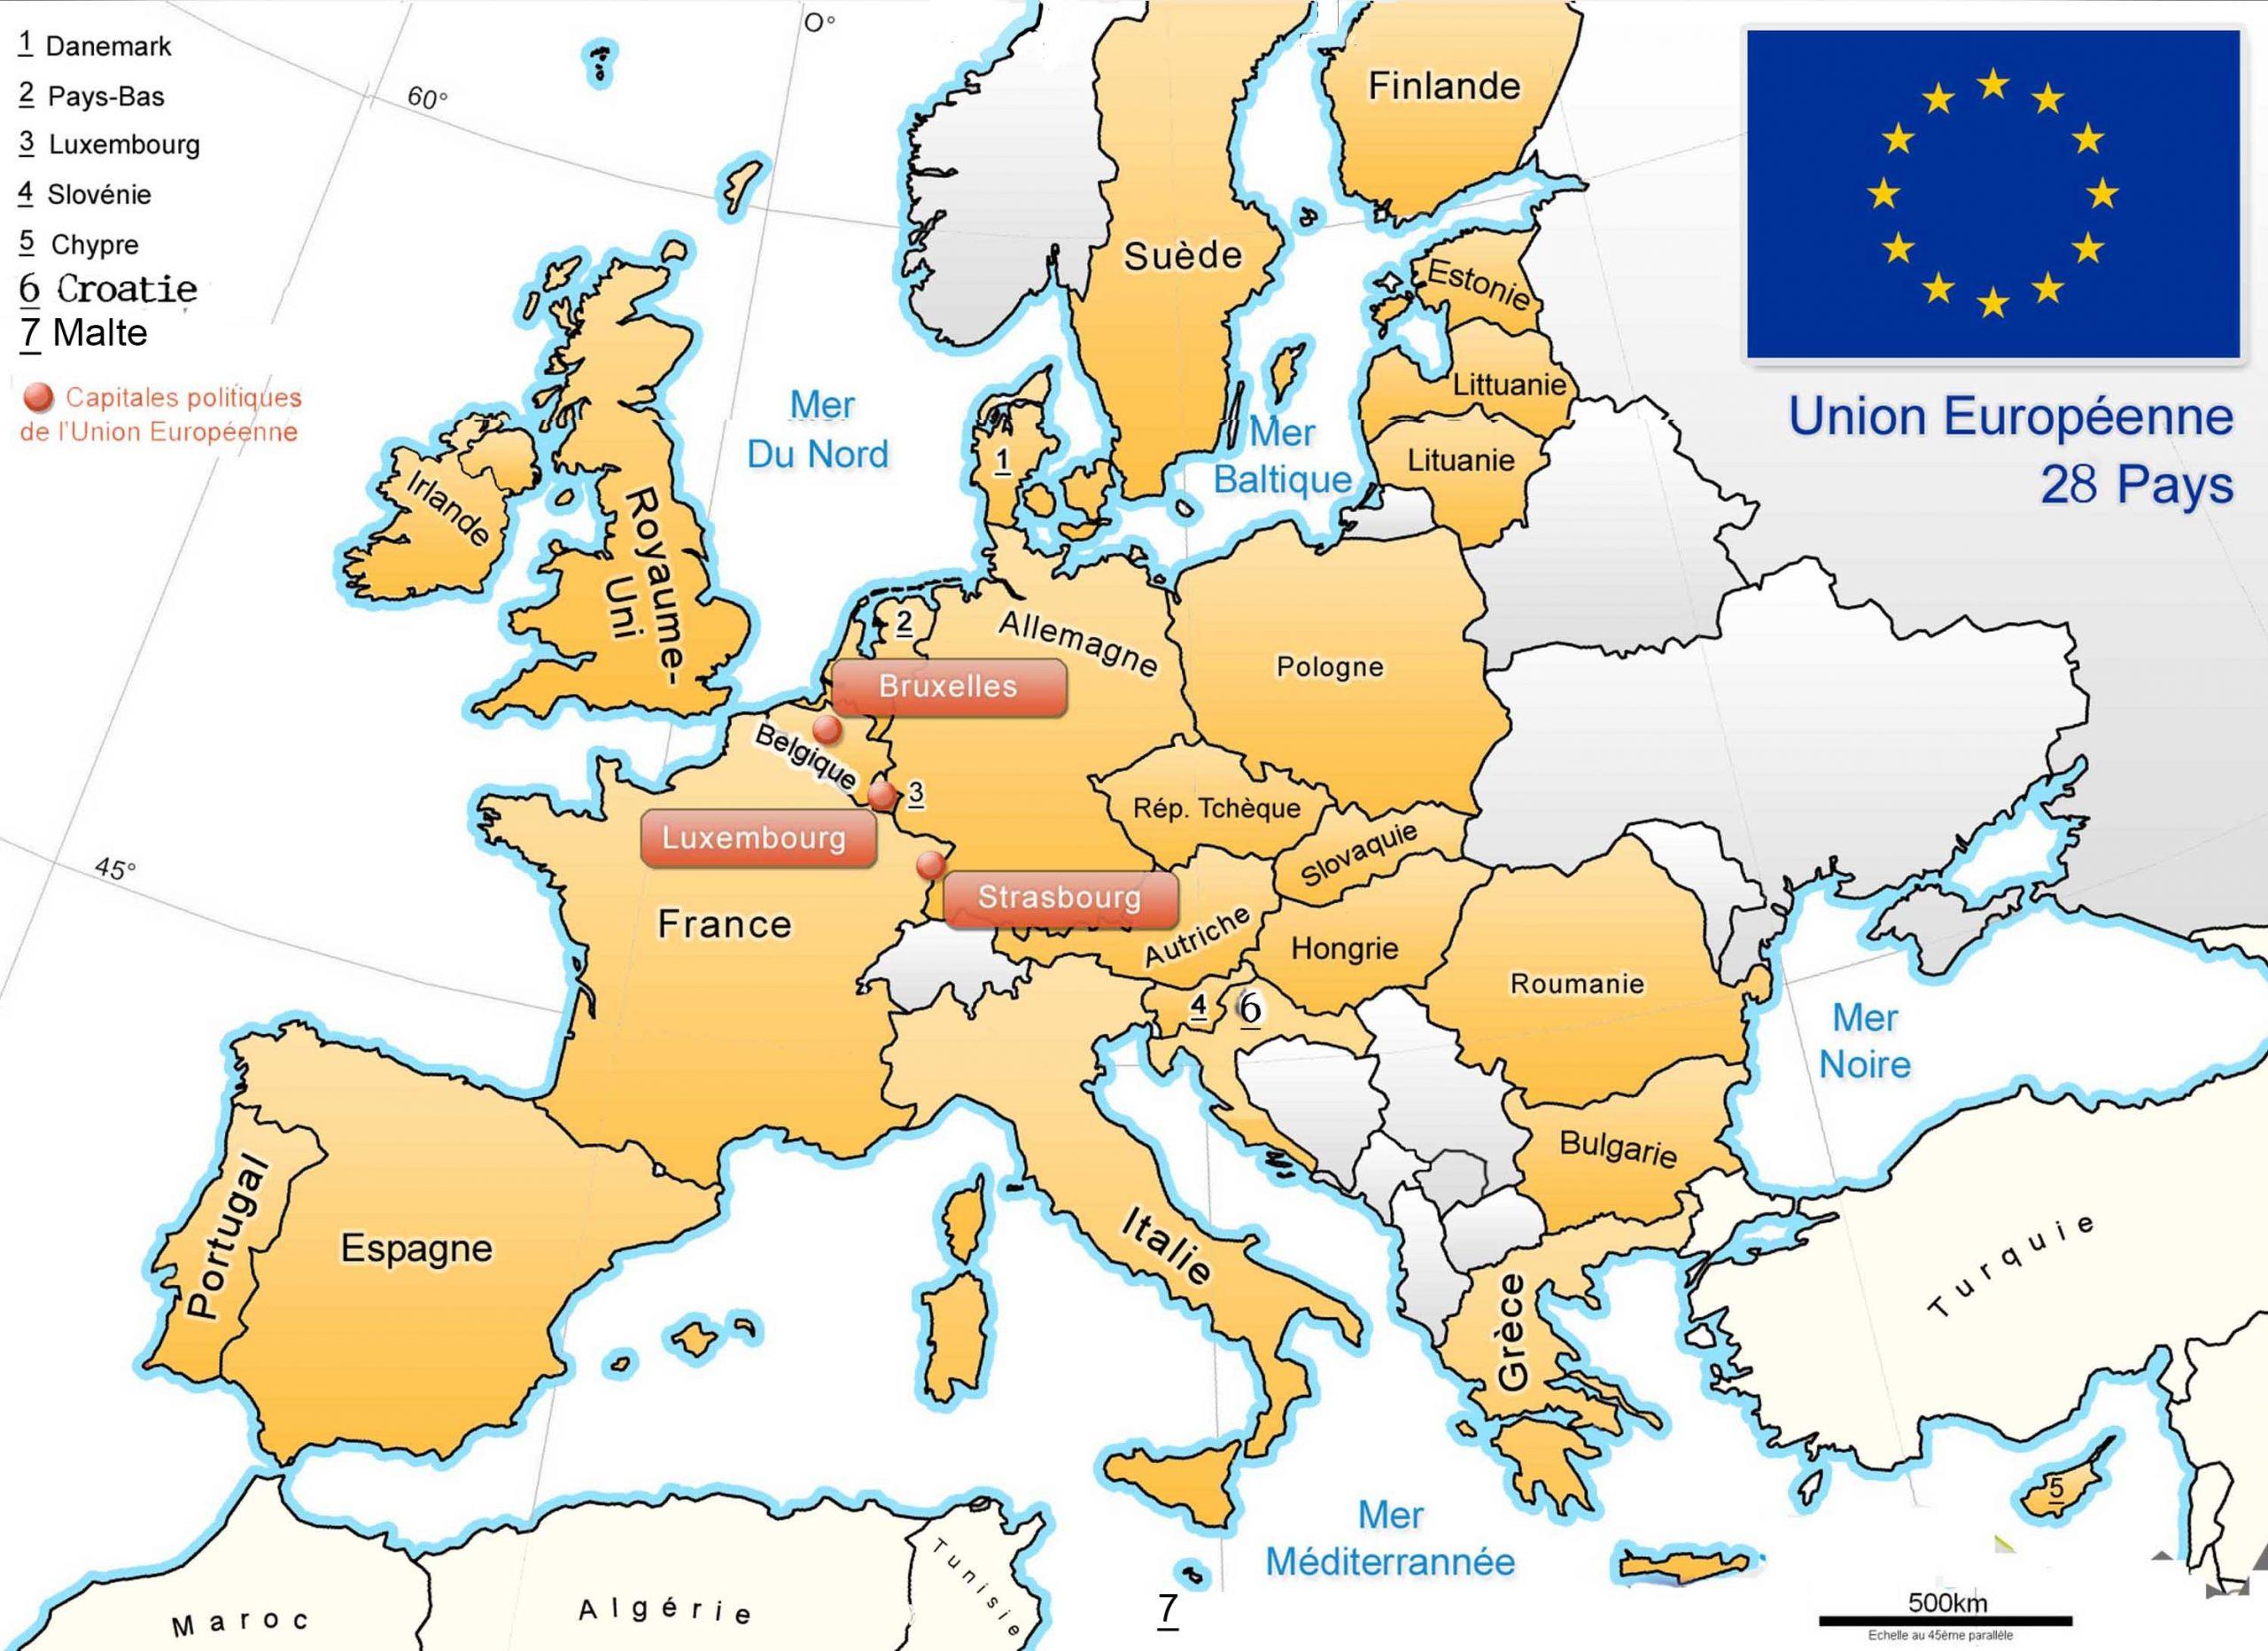 Apprendre À Placer Les Pays De L' Union Européenne - Le Blog concernant Pays Et Capitales D Europe